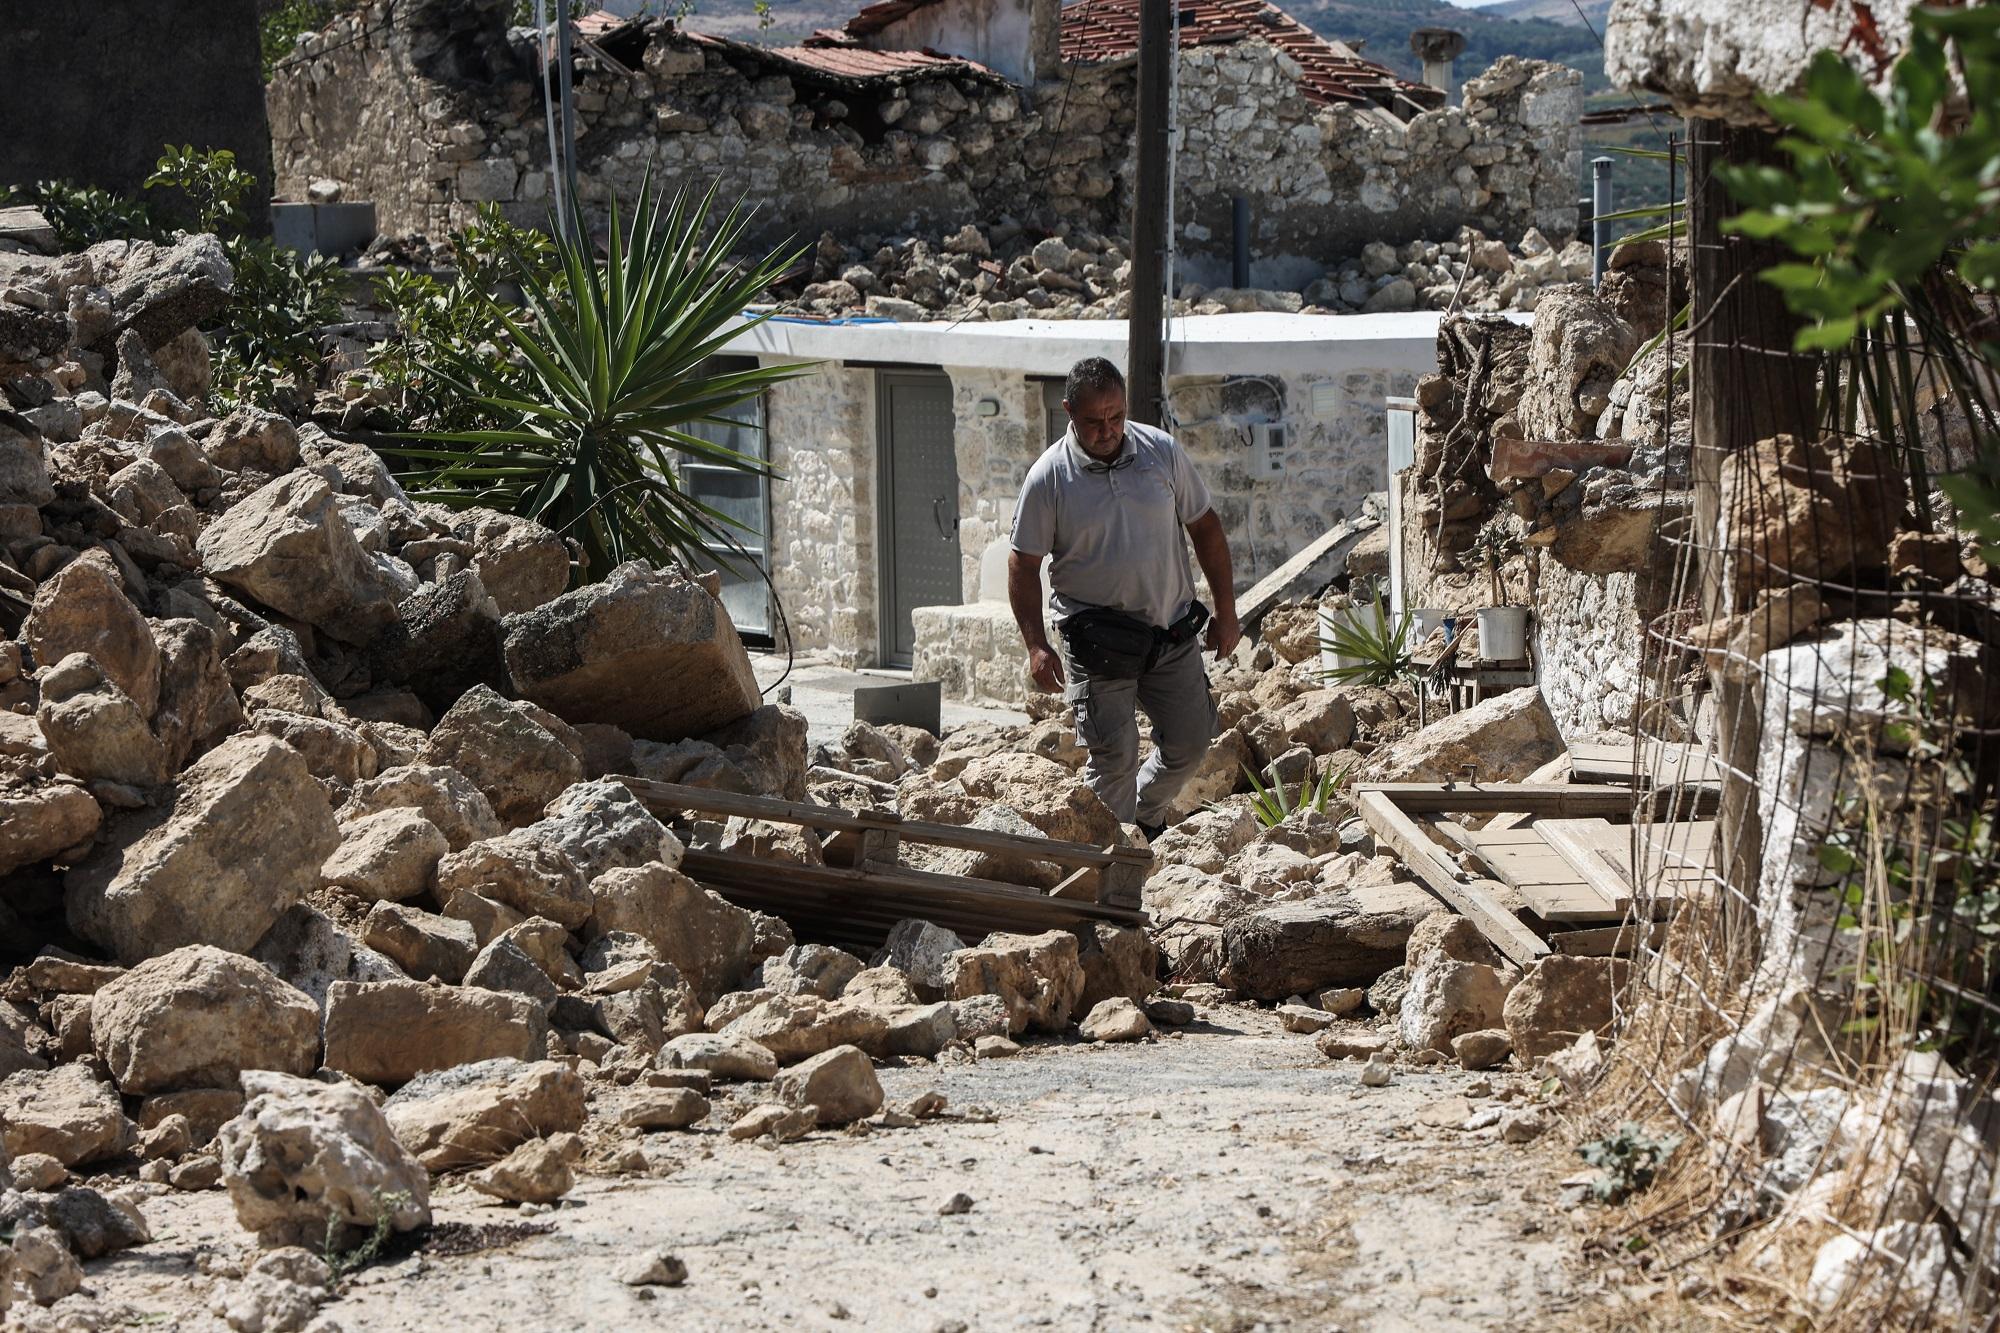 Σεισμός στην Κρήτη: Ανήσυχοι οι κάτοικοι για τους μετασεισμούς – Τα μέτρα στήριξης για τους σεισμόπληκτους